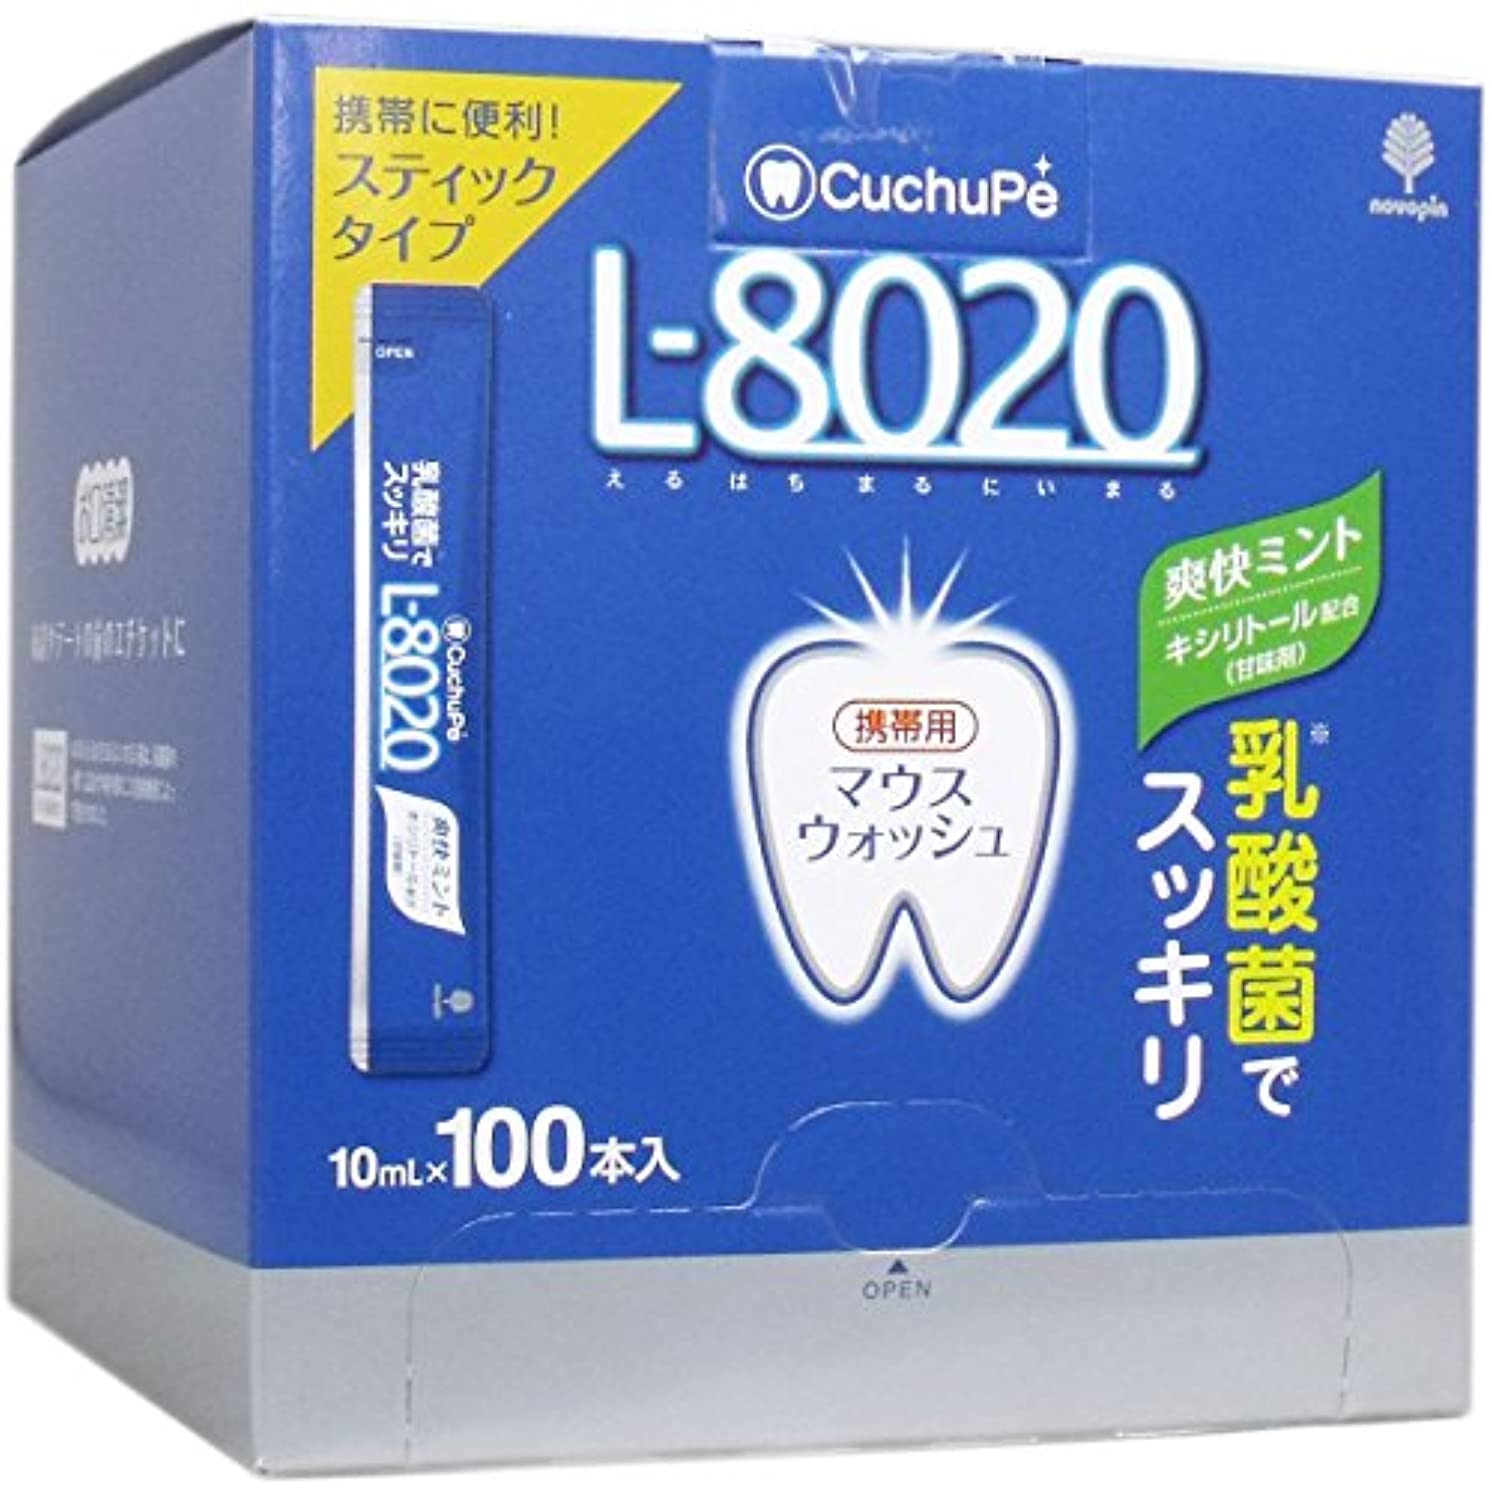 旋律的ドロップ広々クチュッペ L-8020 マウスウォッシュ 爽快ミント スティックタイプ 100本入